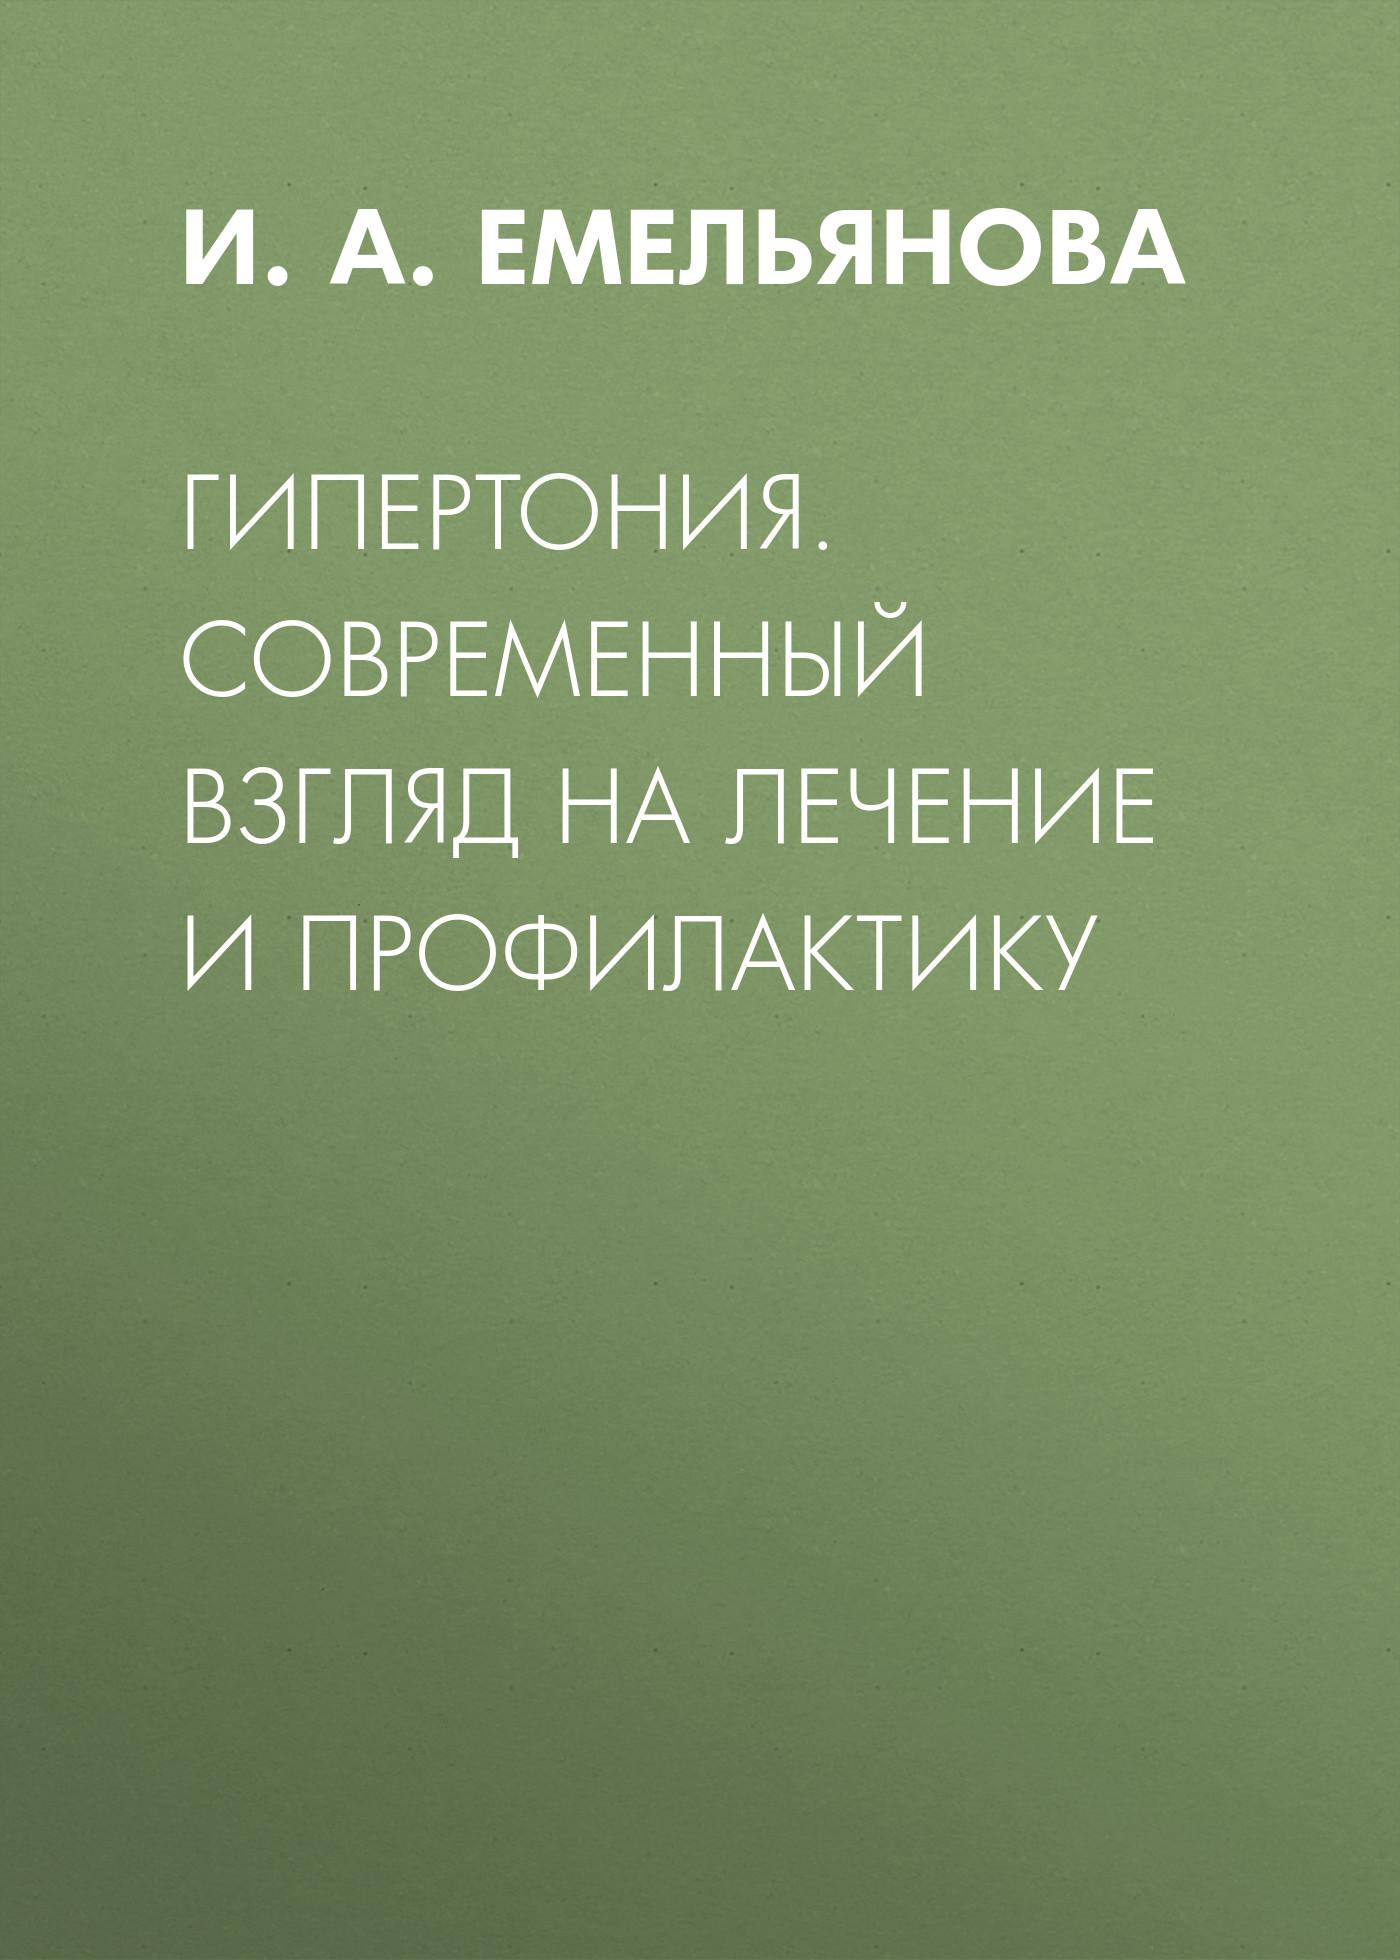 И. А. Емельянова Гипертония. Современный взгляд на лечение и профилактику